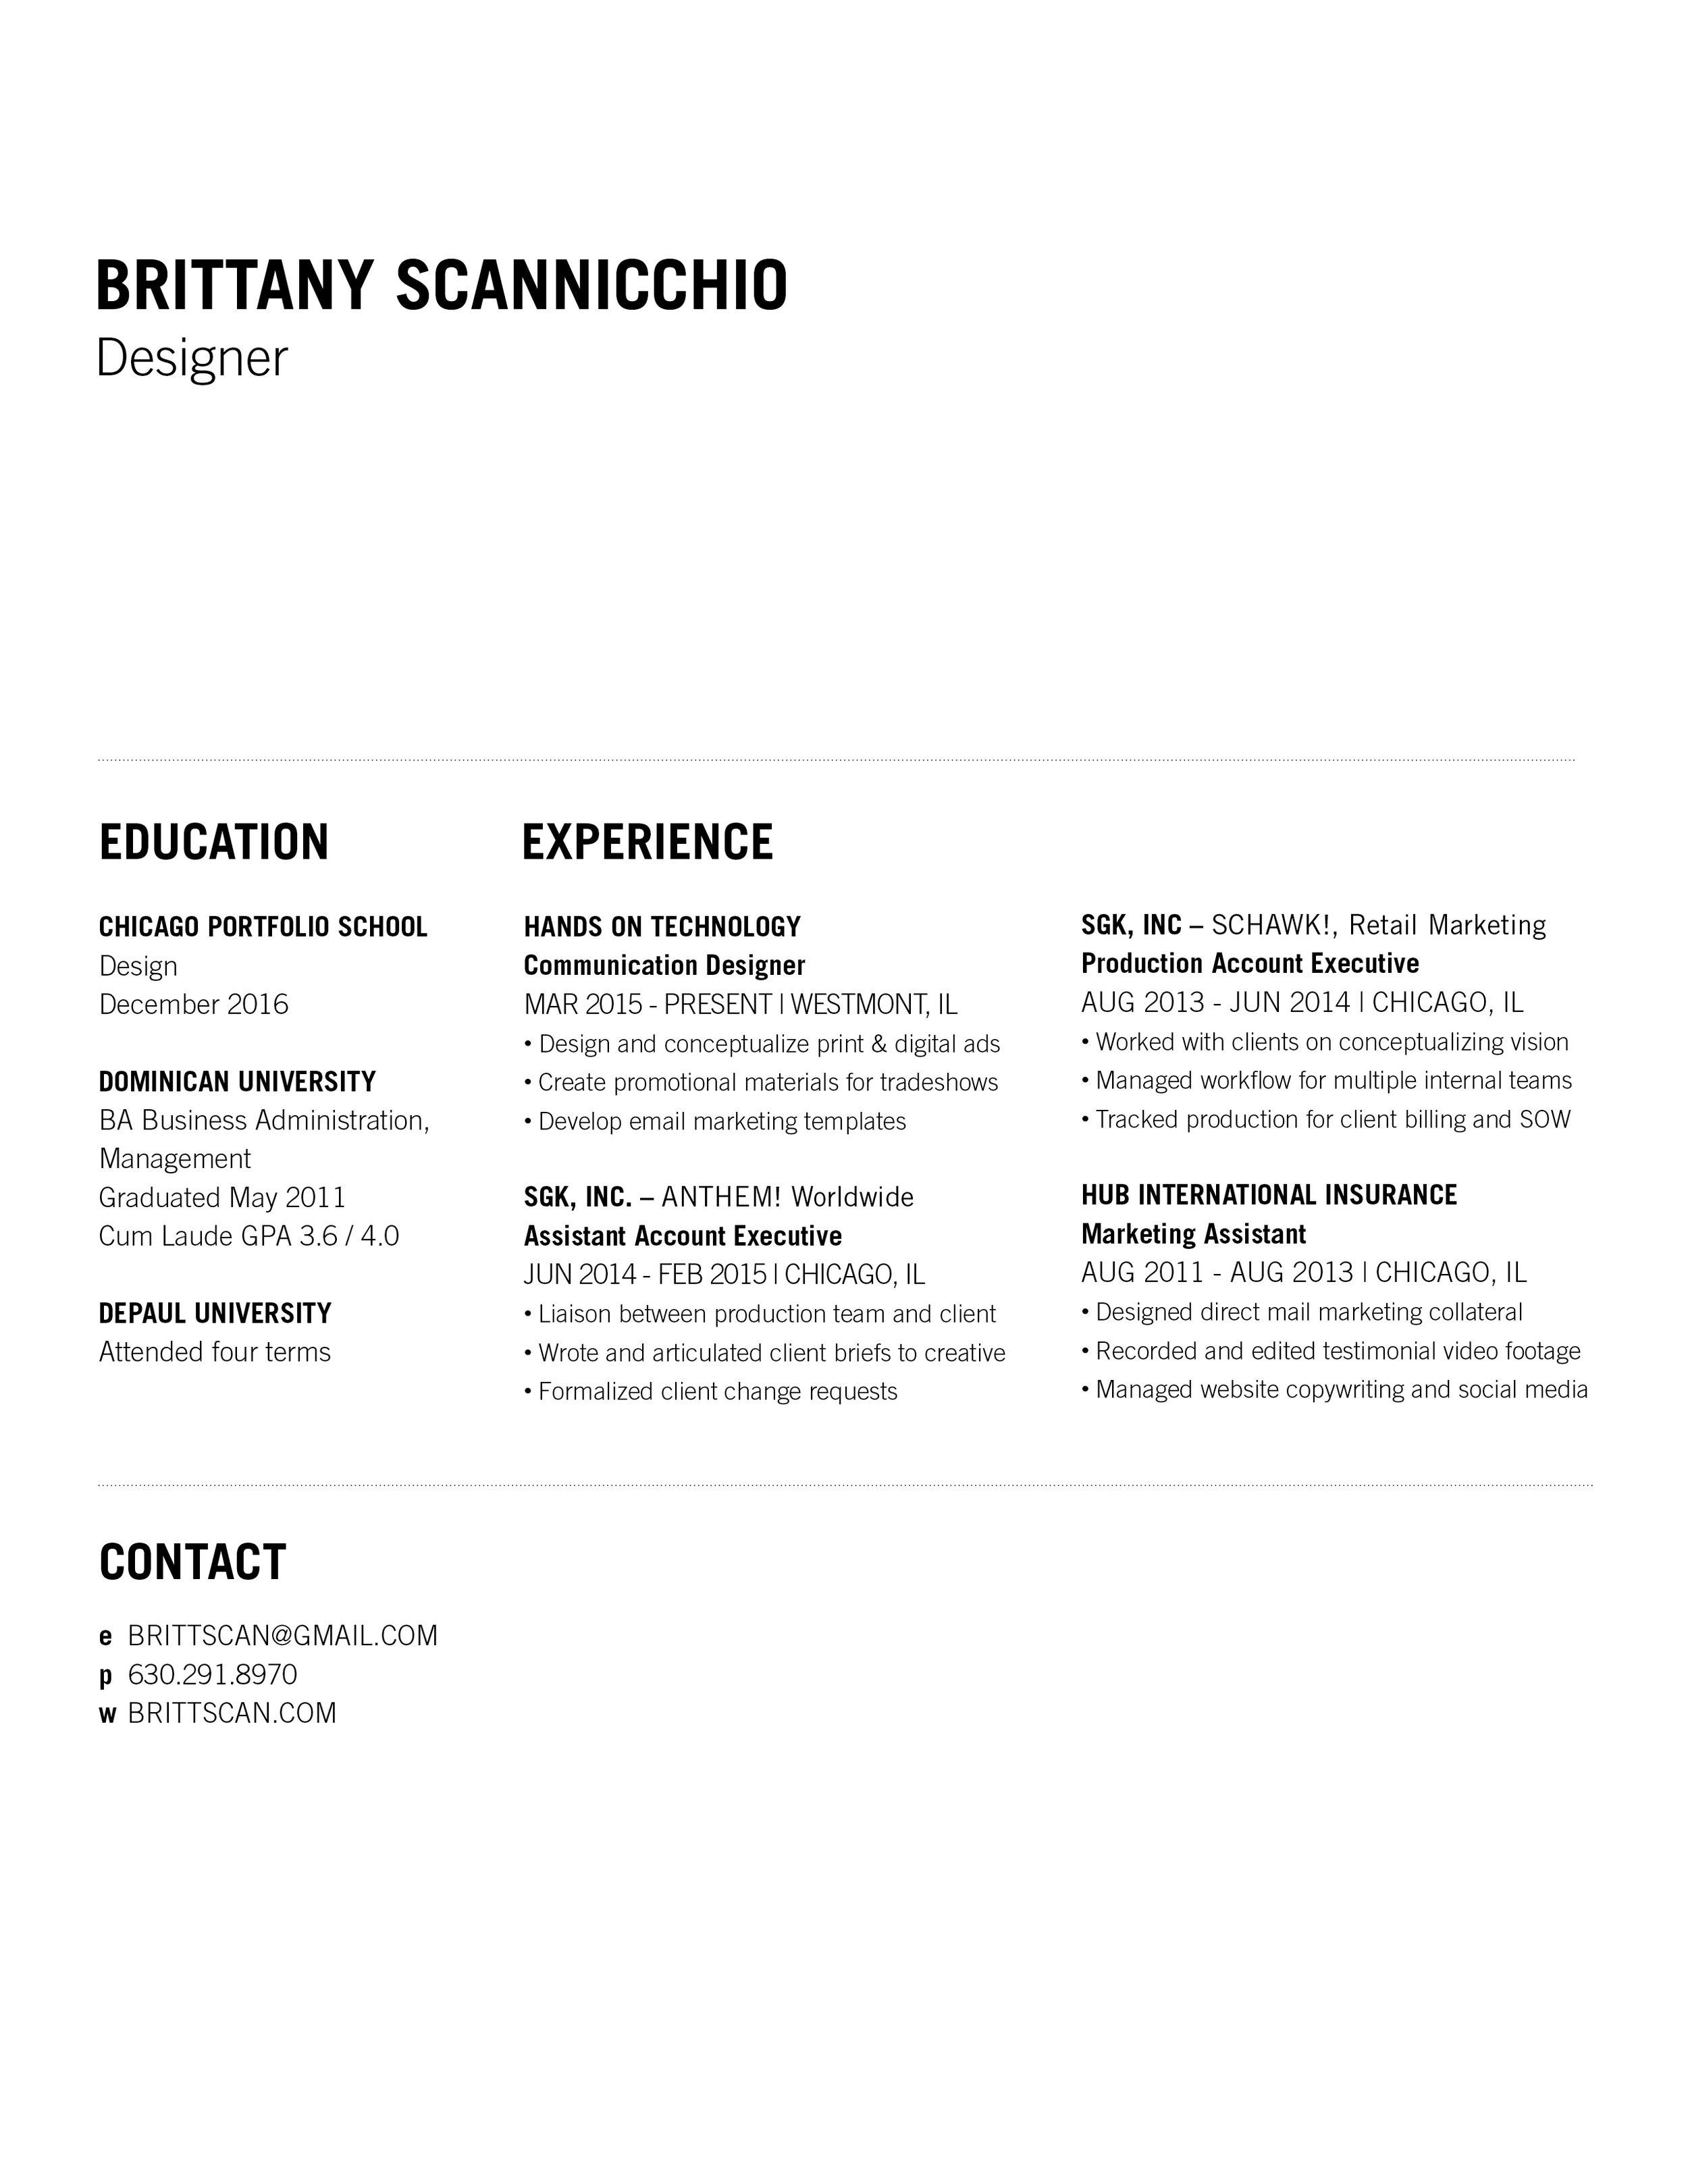 ScannicchioB_Resume